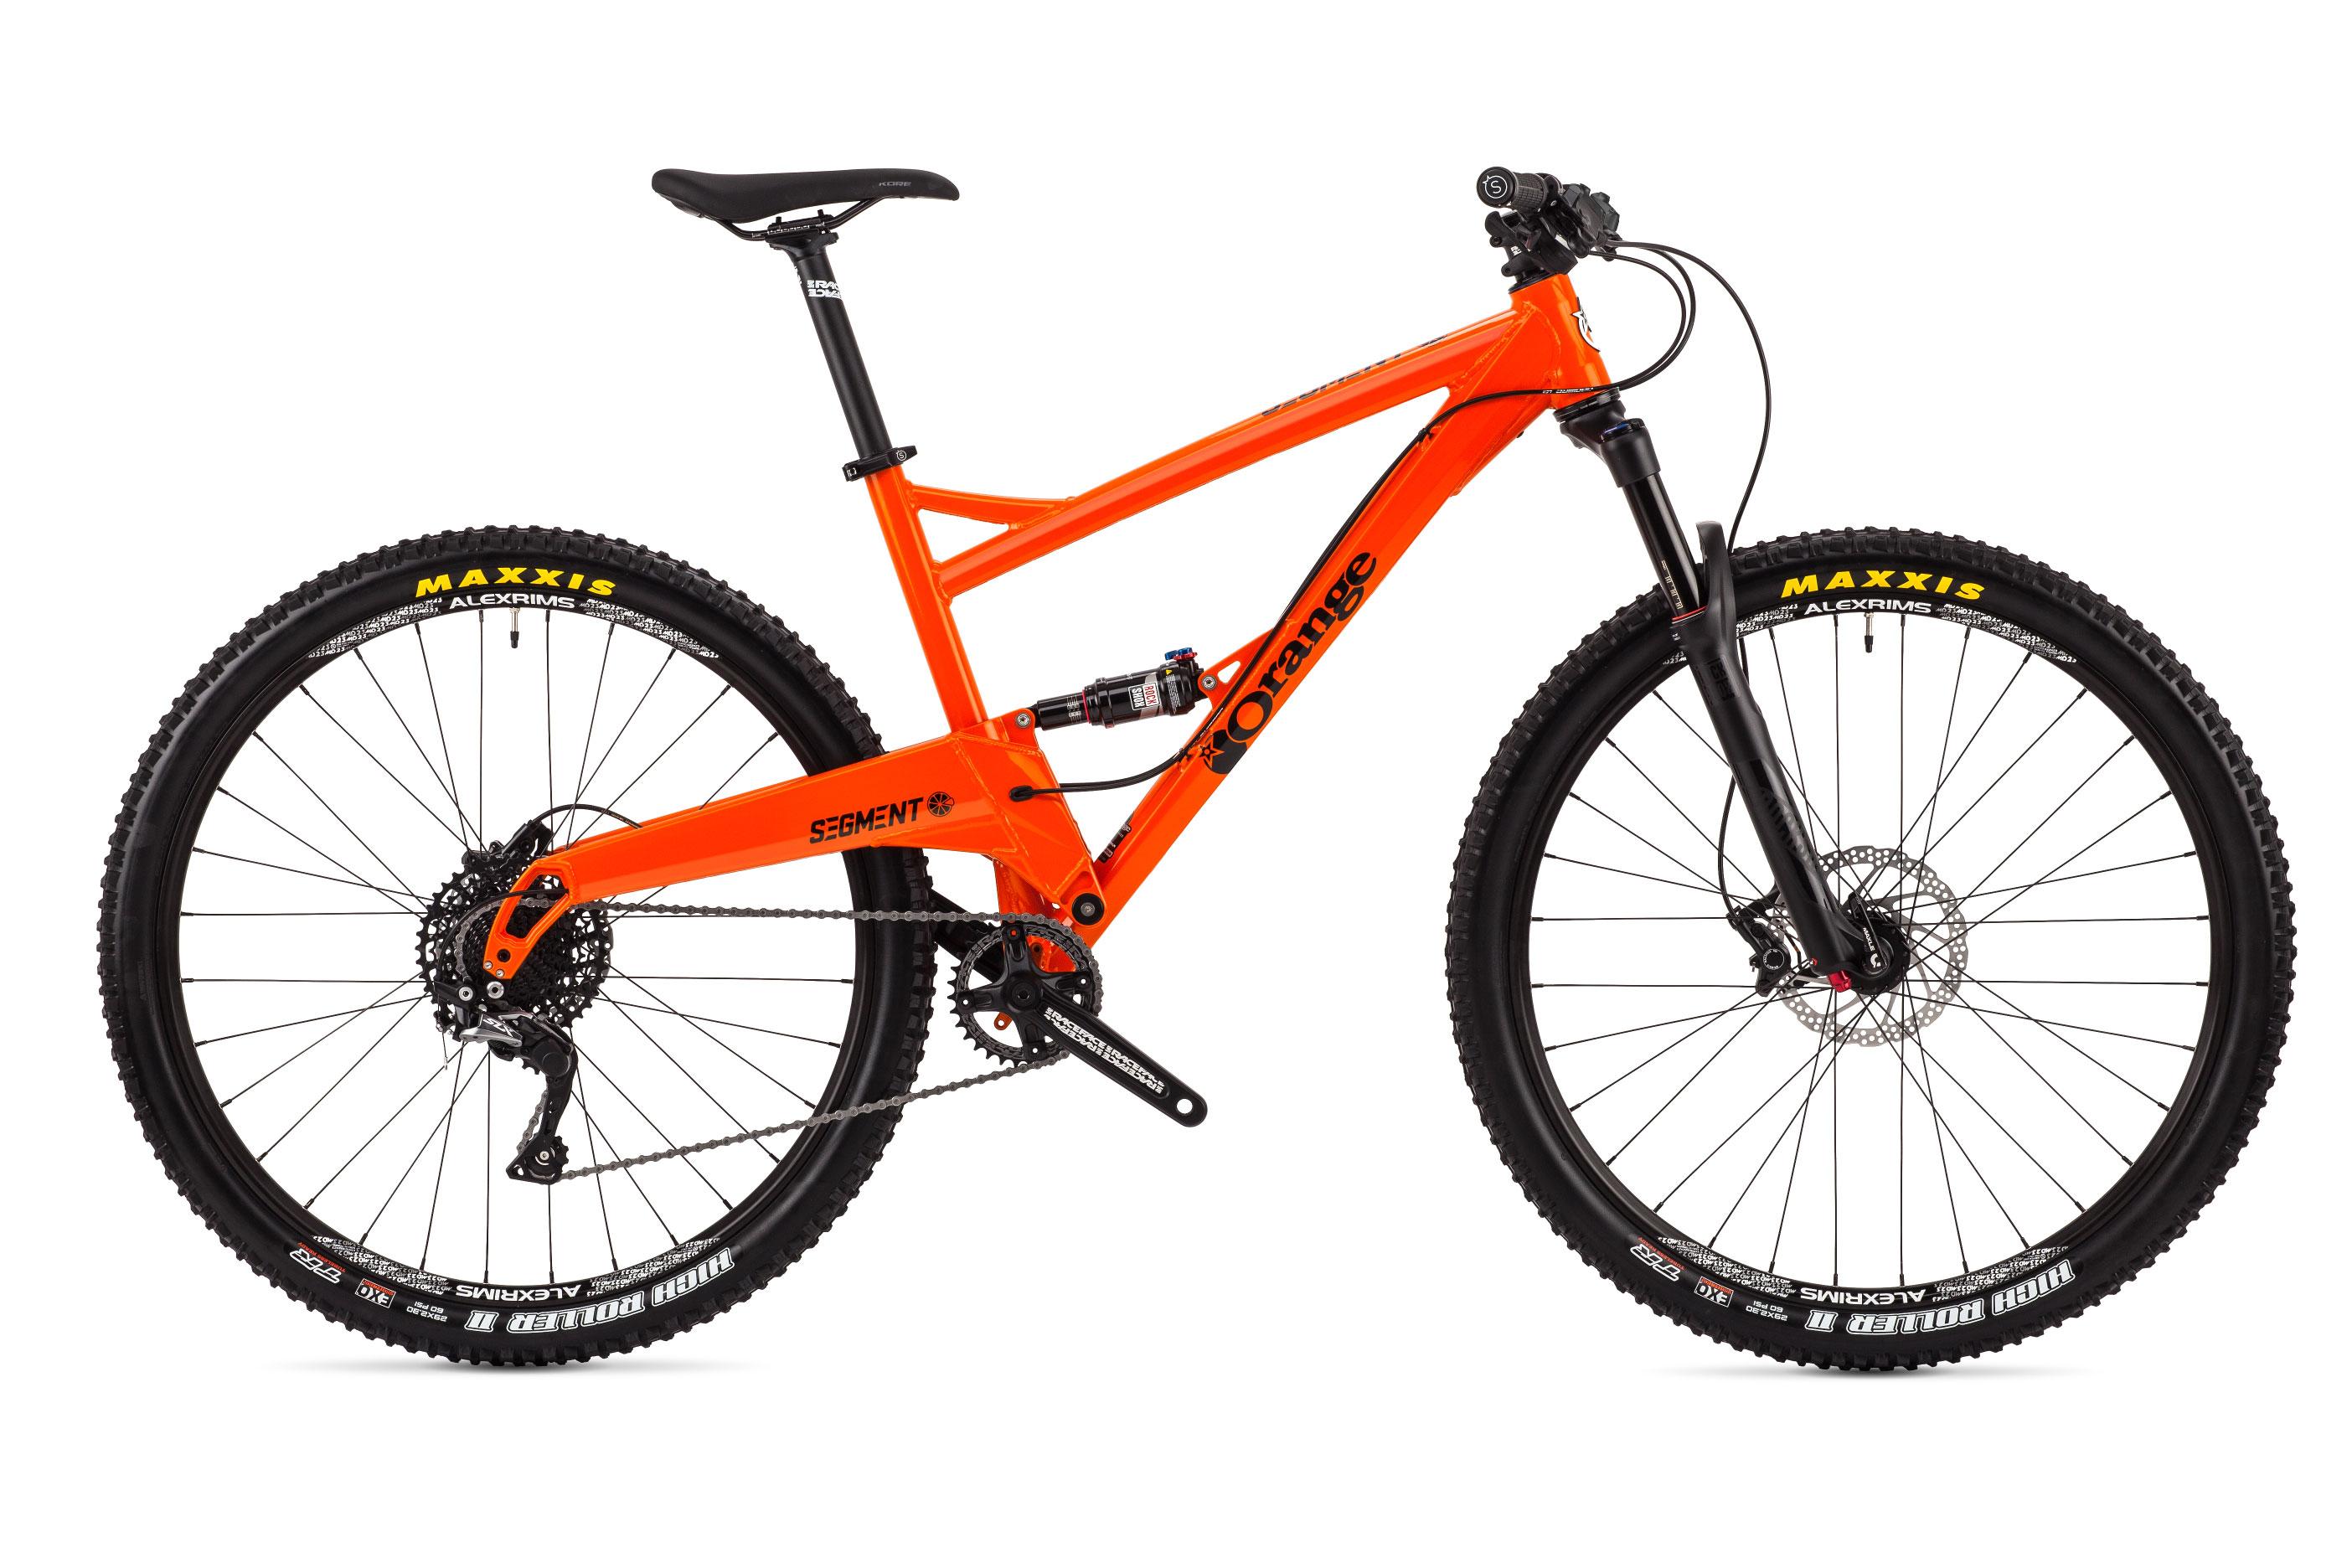 Segment S Orange Mountain Bikes